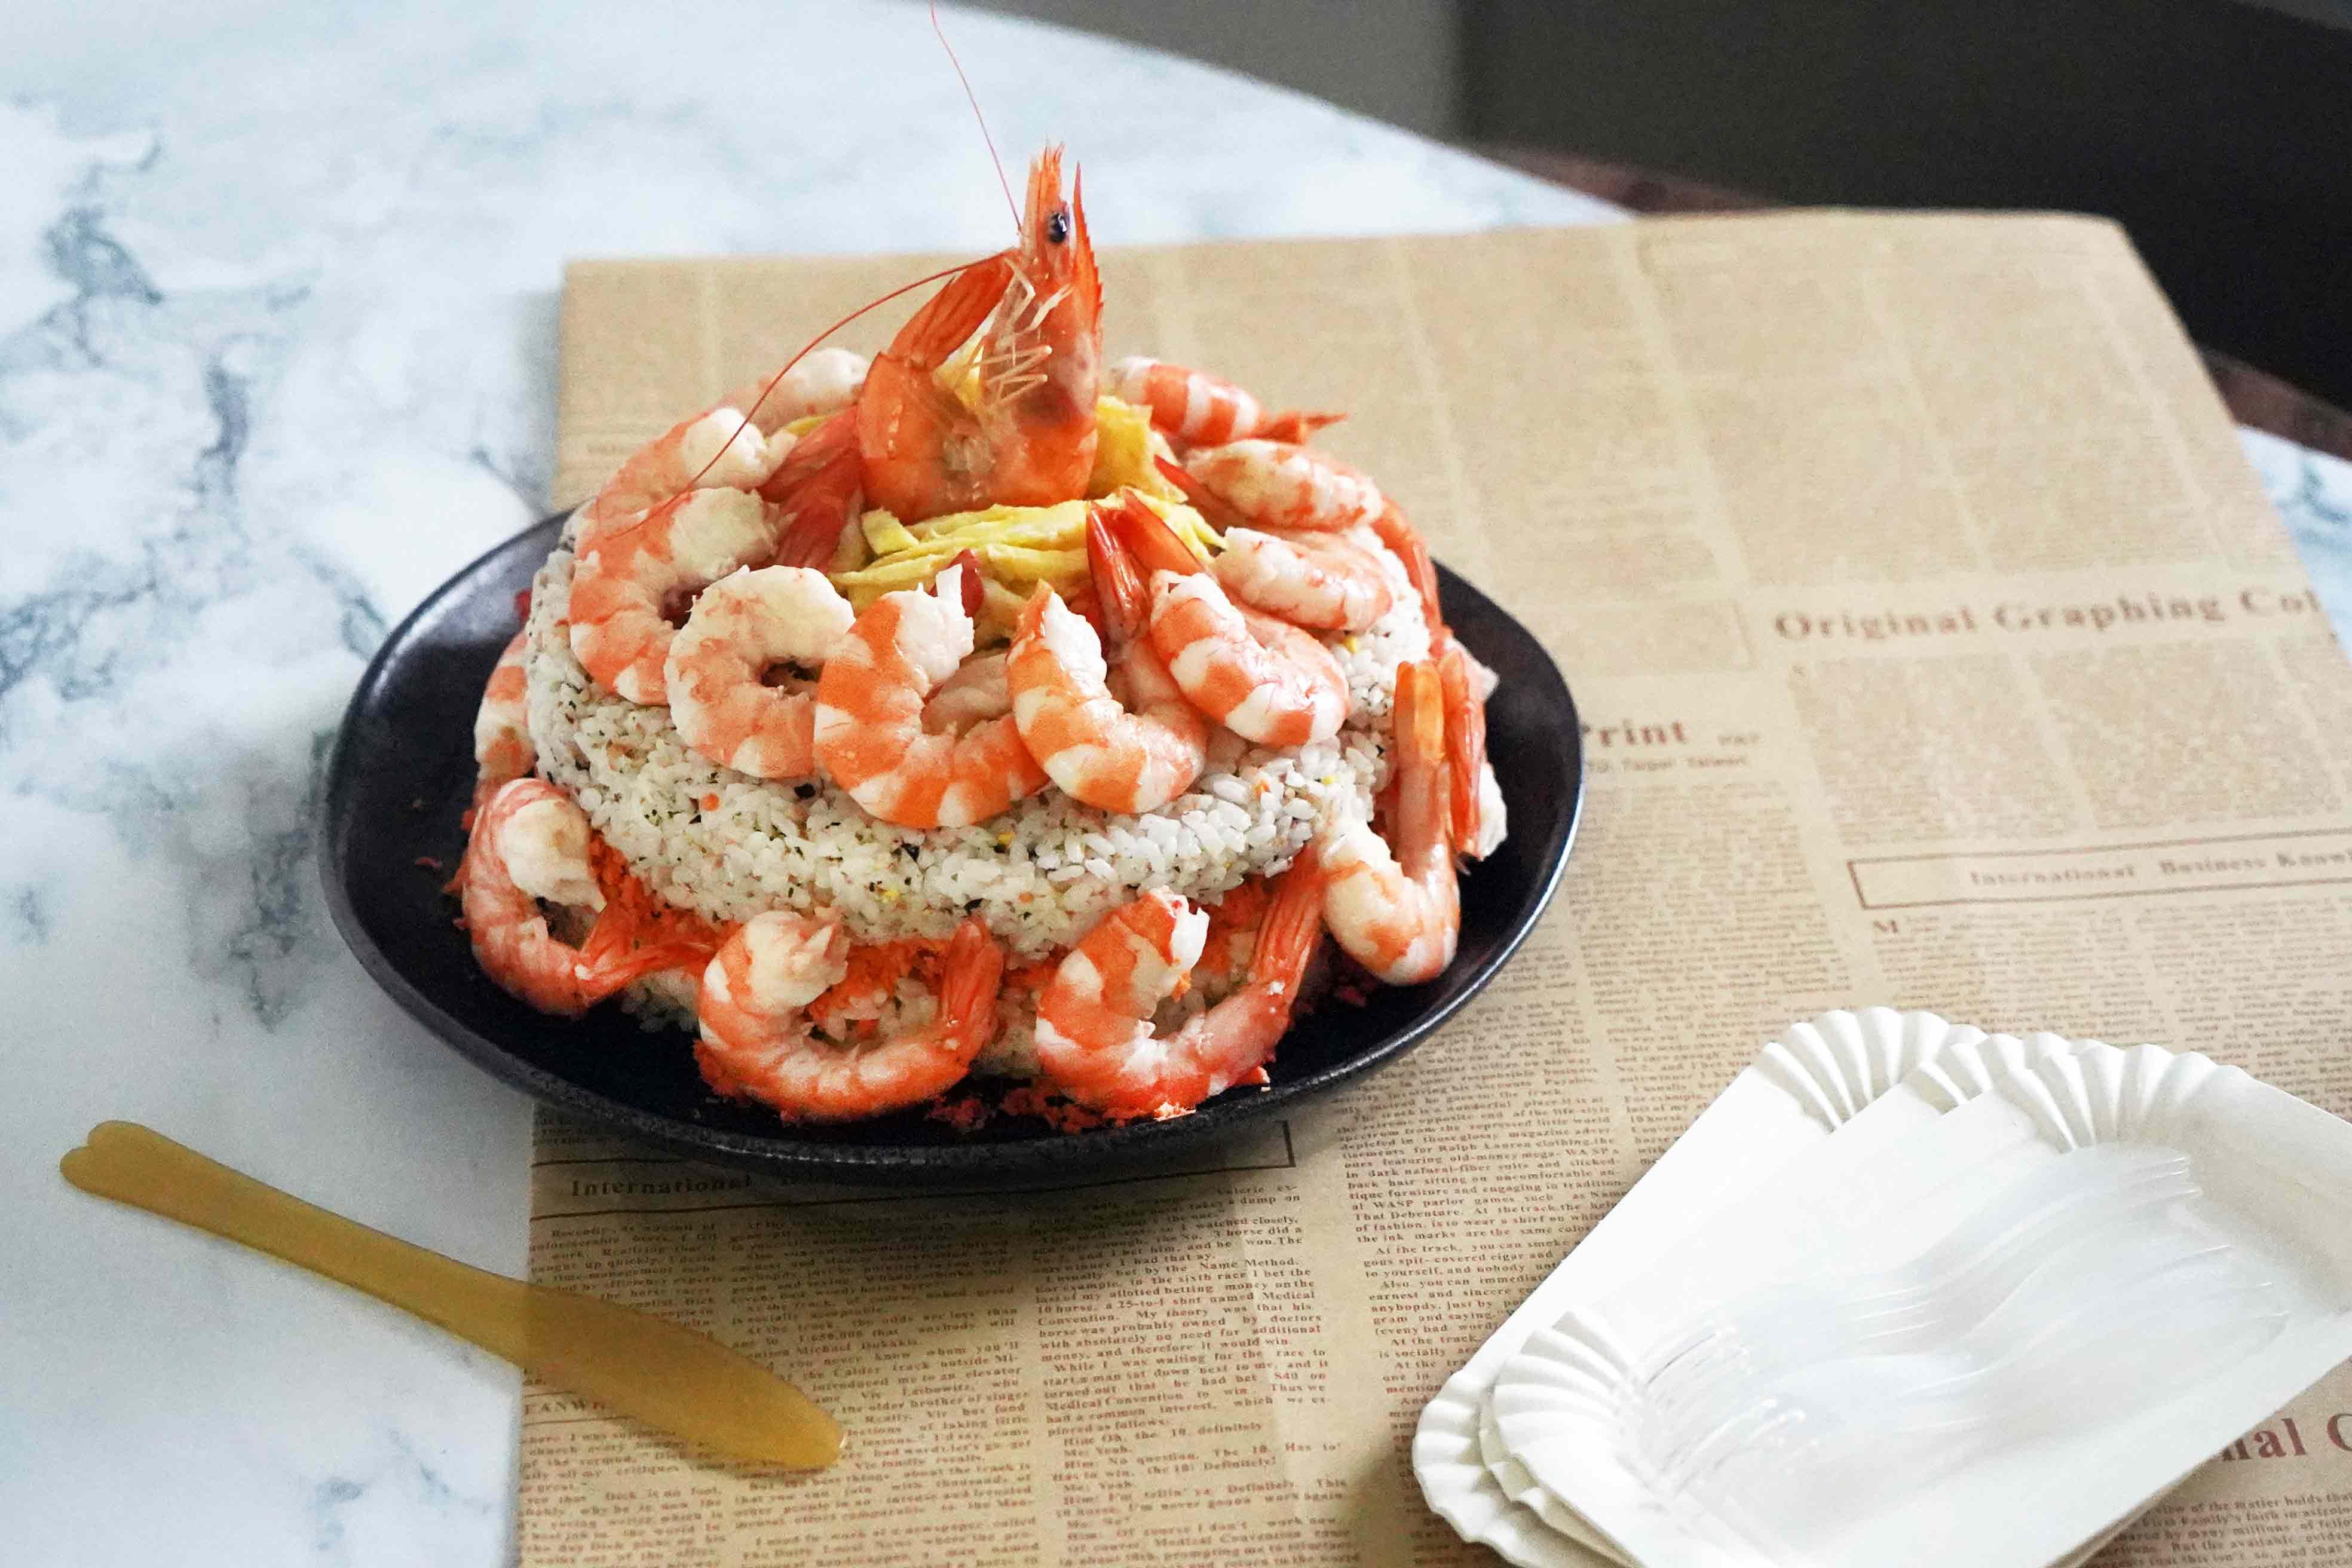 【超浮誇】爸爸節就用蝦蝦壽司蛋糕幫拔拔慶祝一下